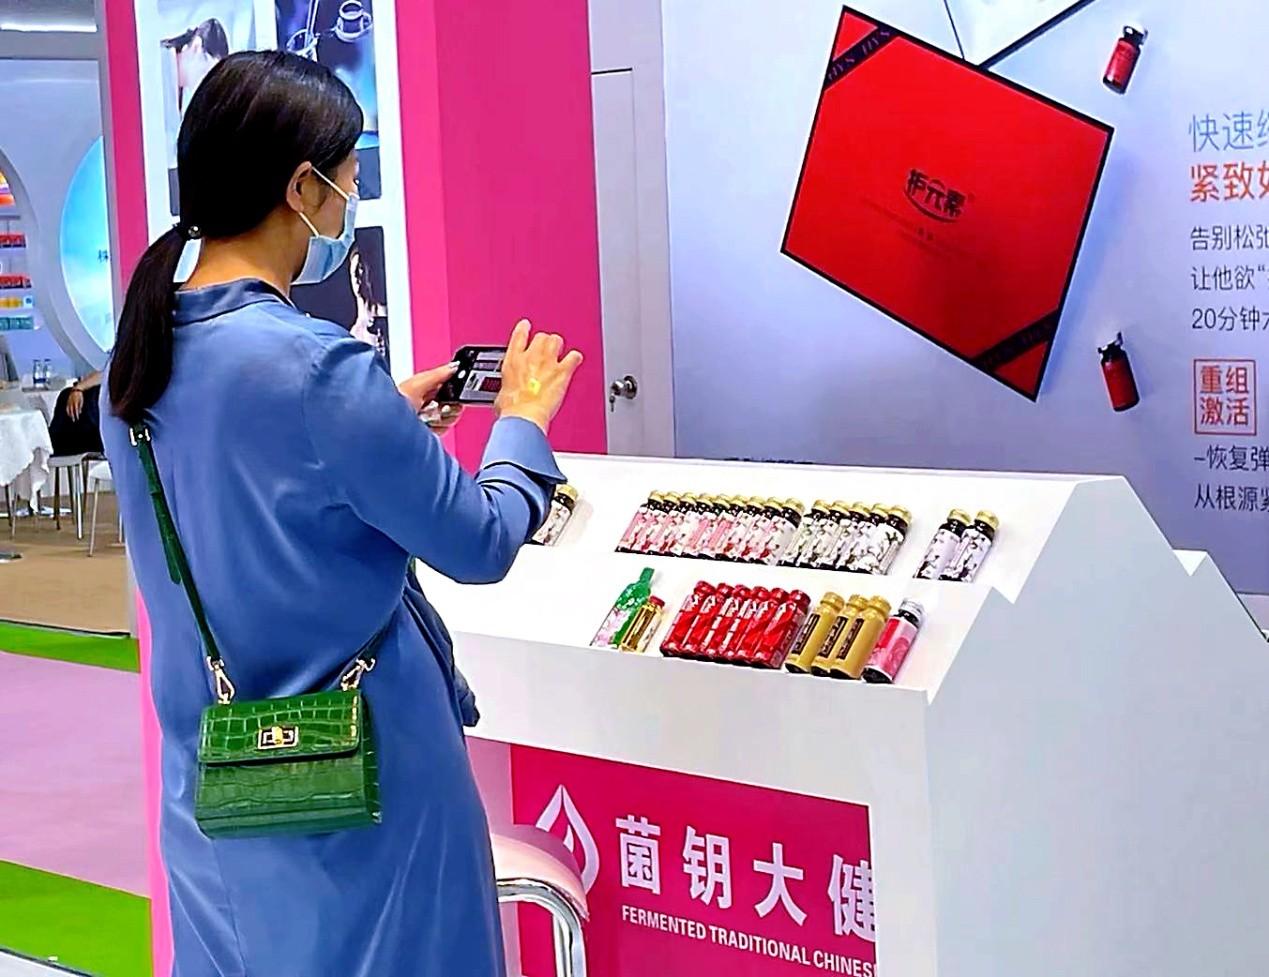 2021上海美博会报告 菌钥大健康口服玻尿酸新品破浪女性市场